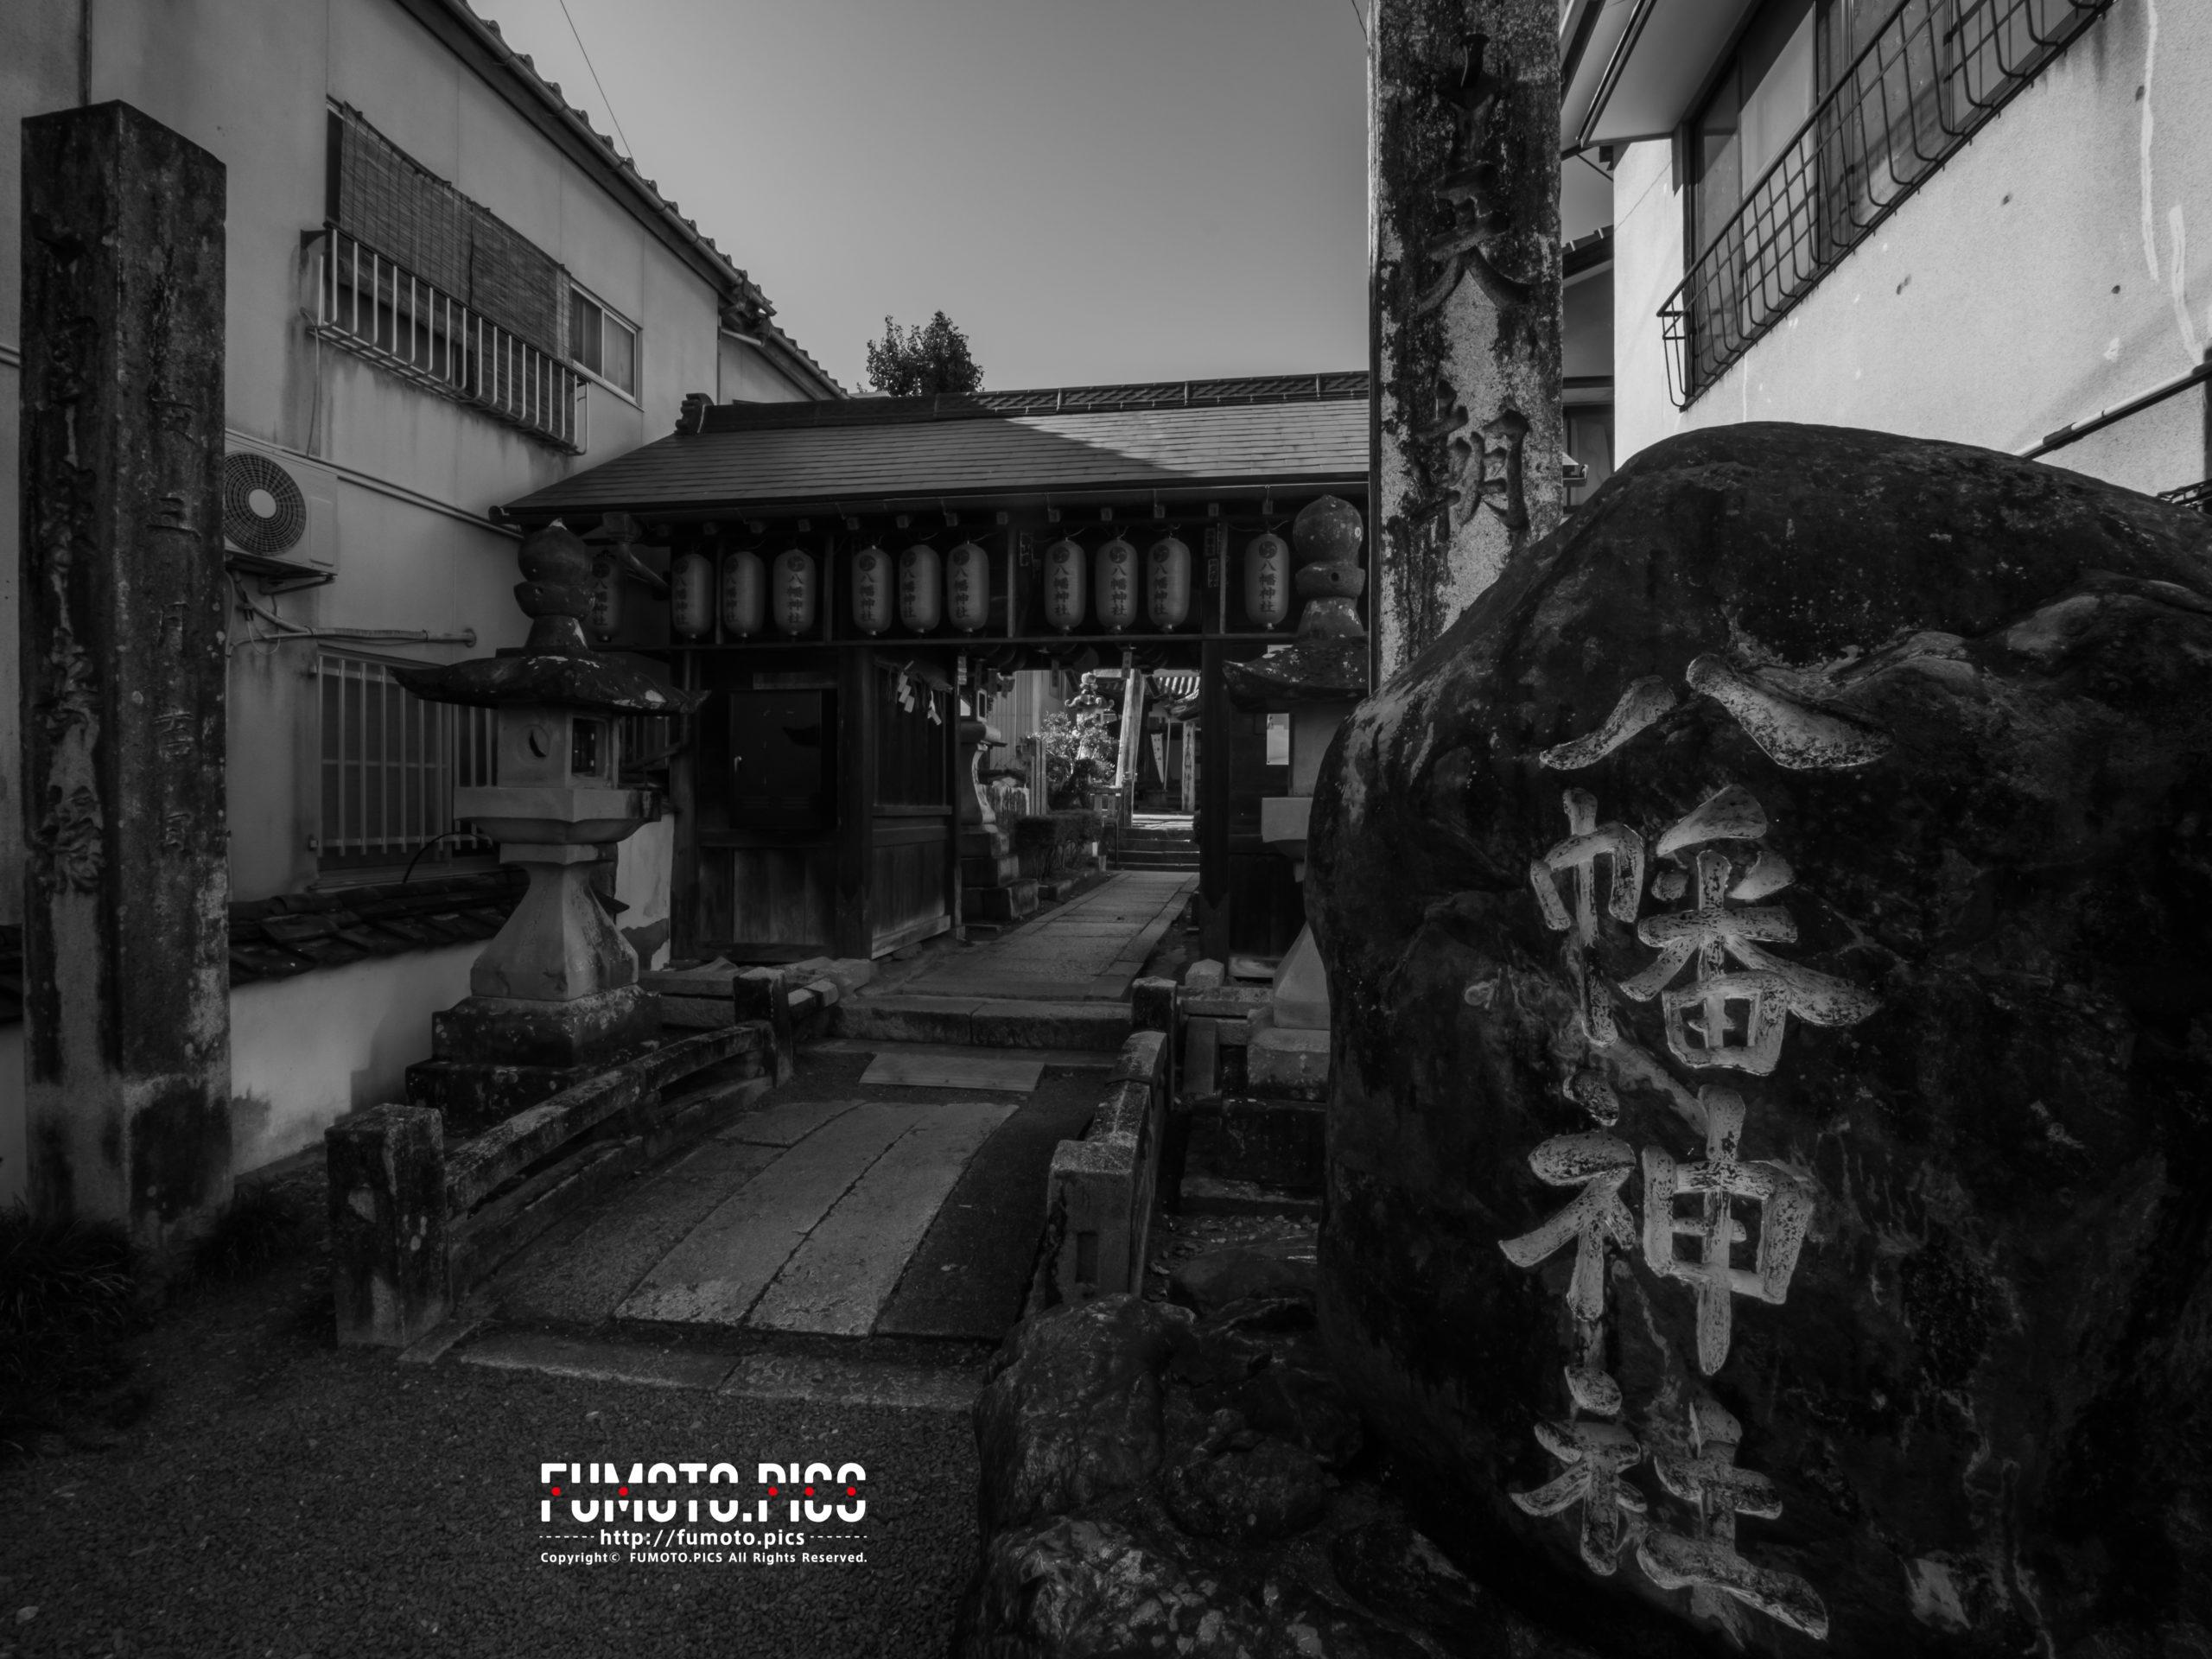 八幡神社は内子町街並み保存区の中央に位置する